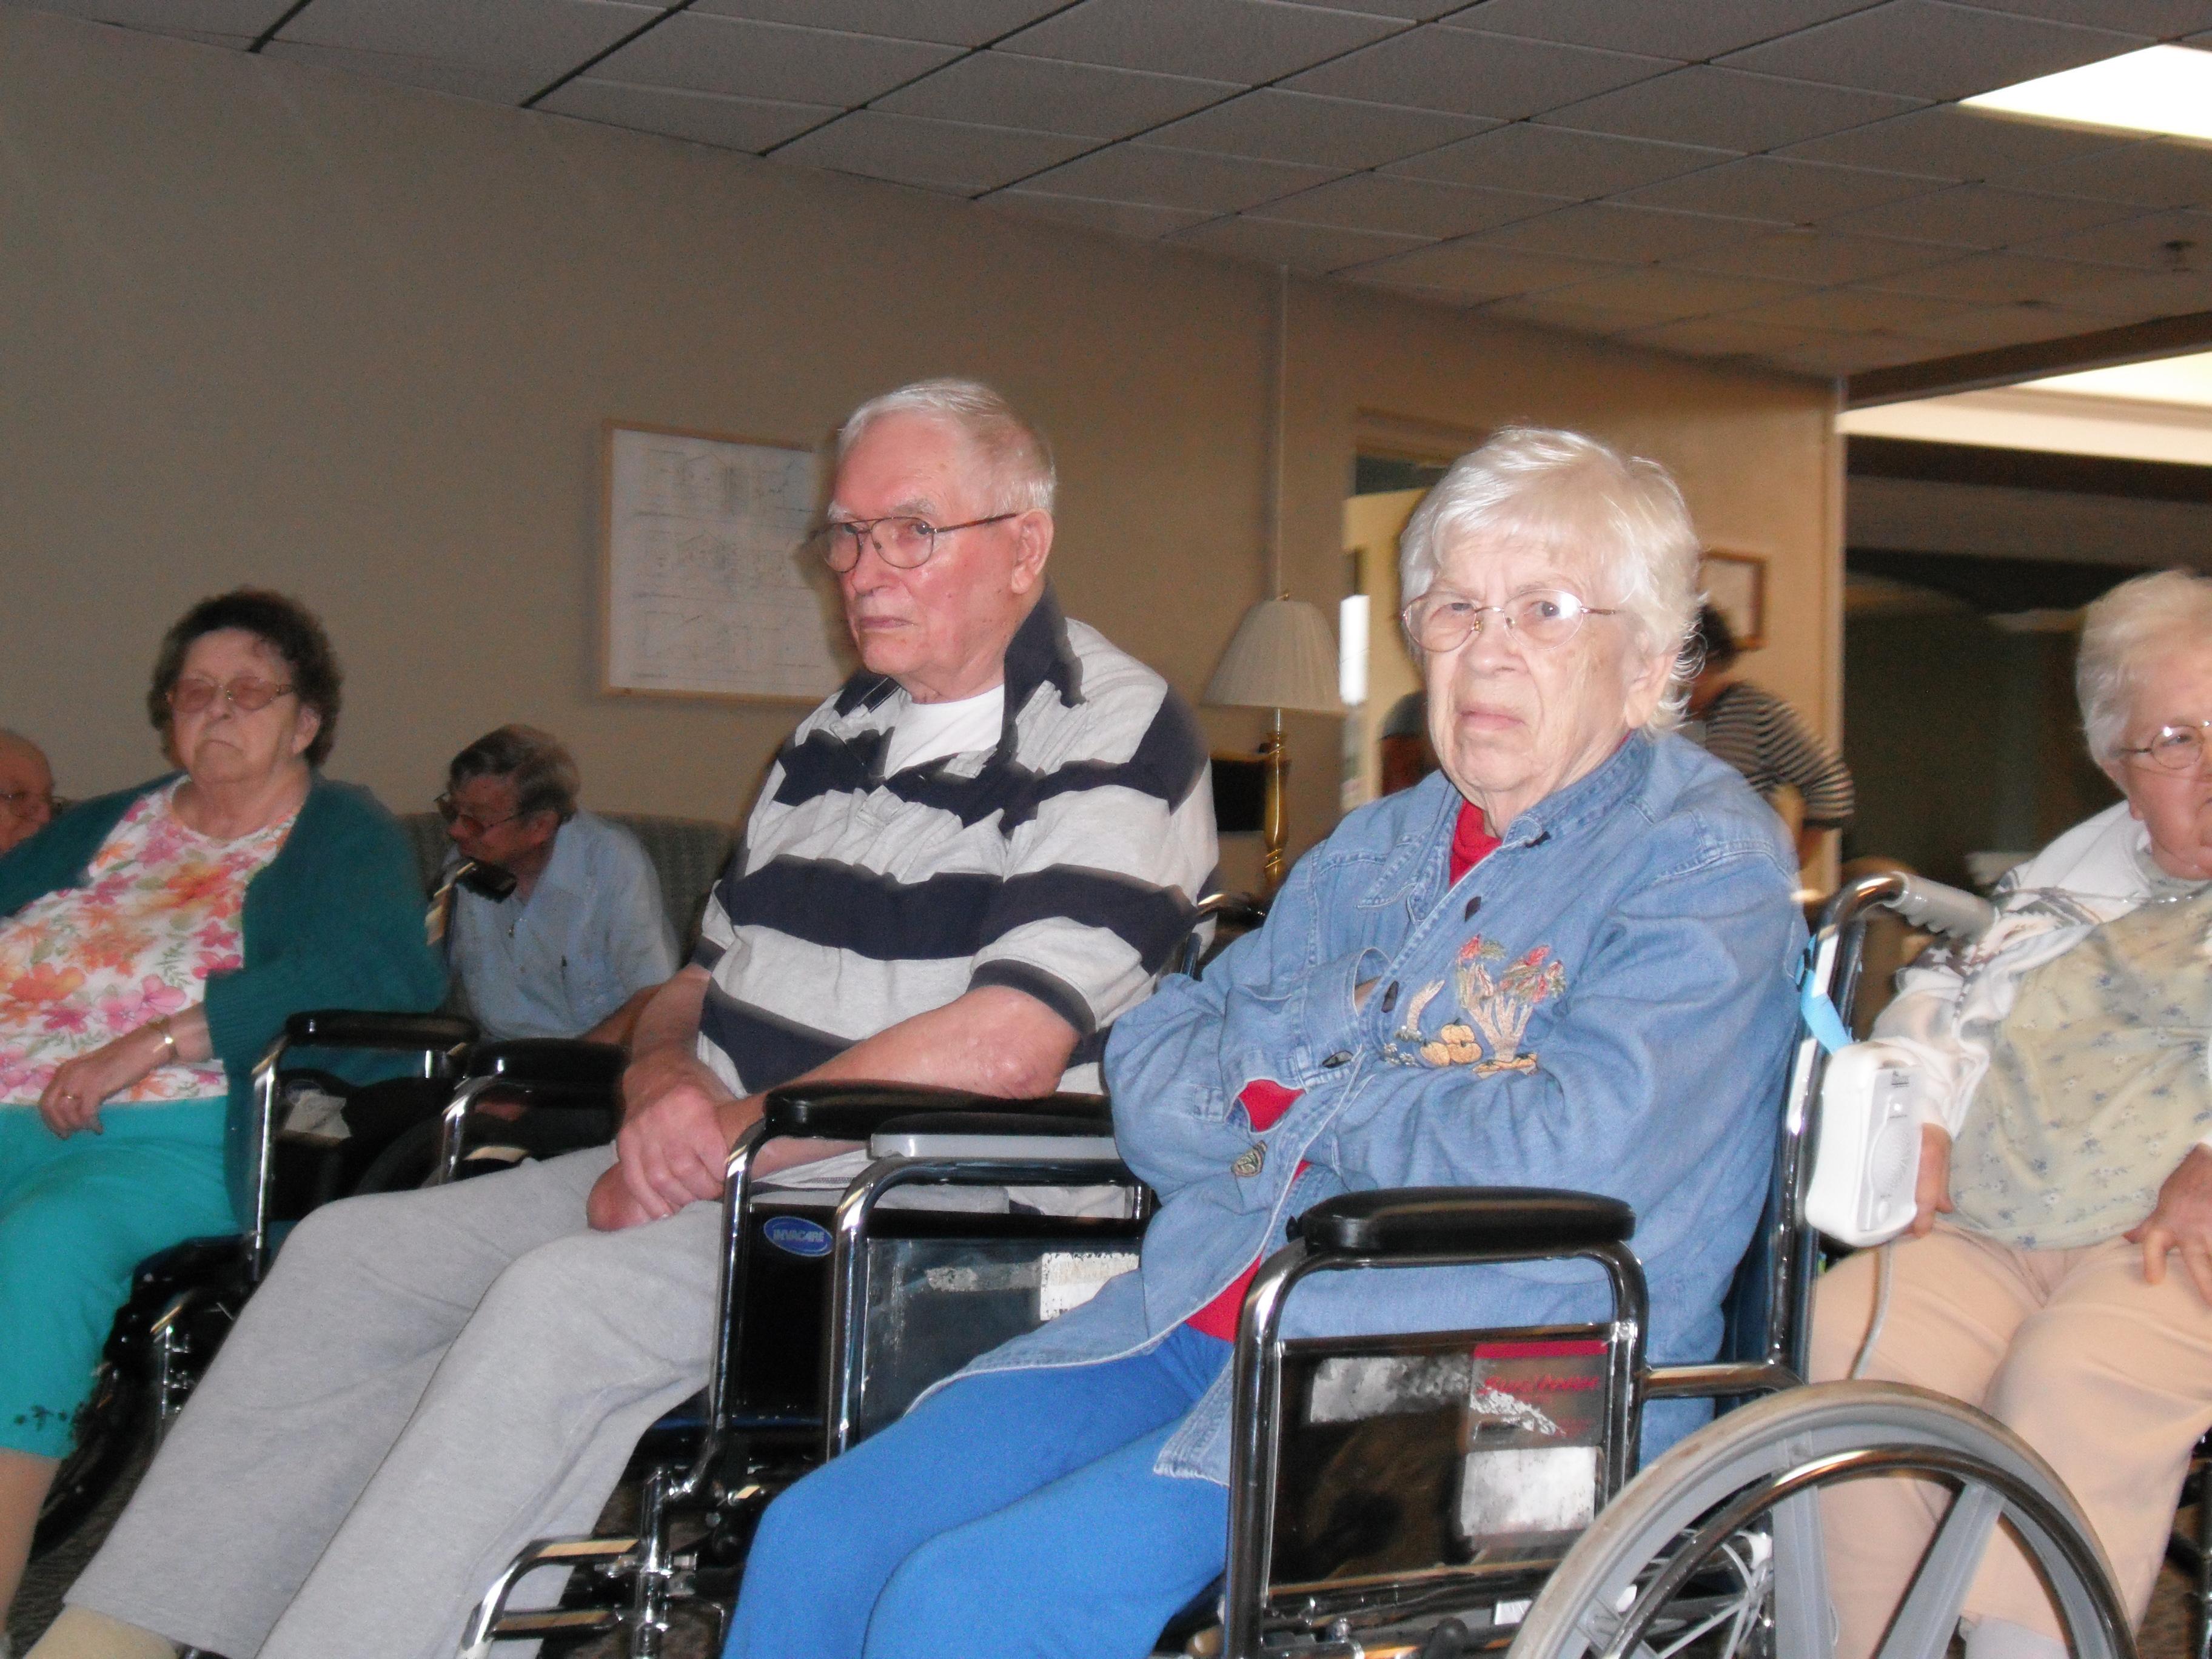 Nursing home audience members